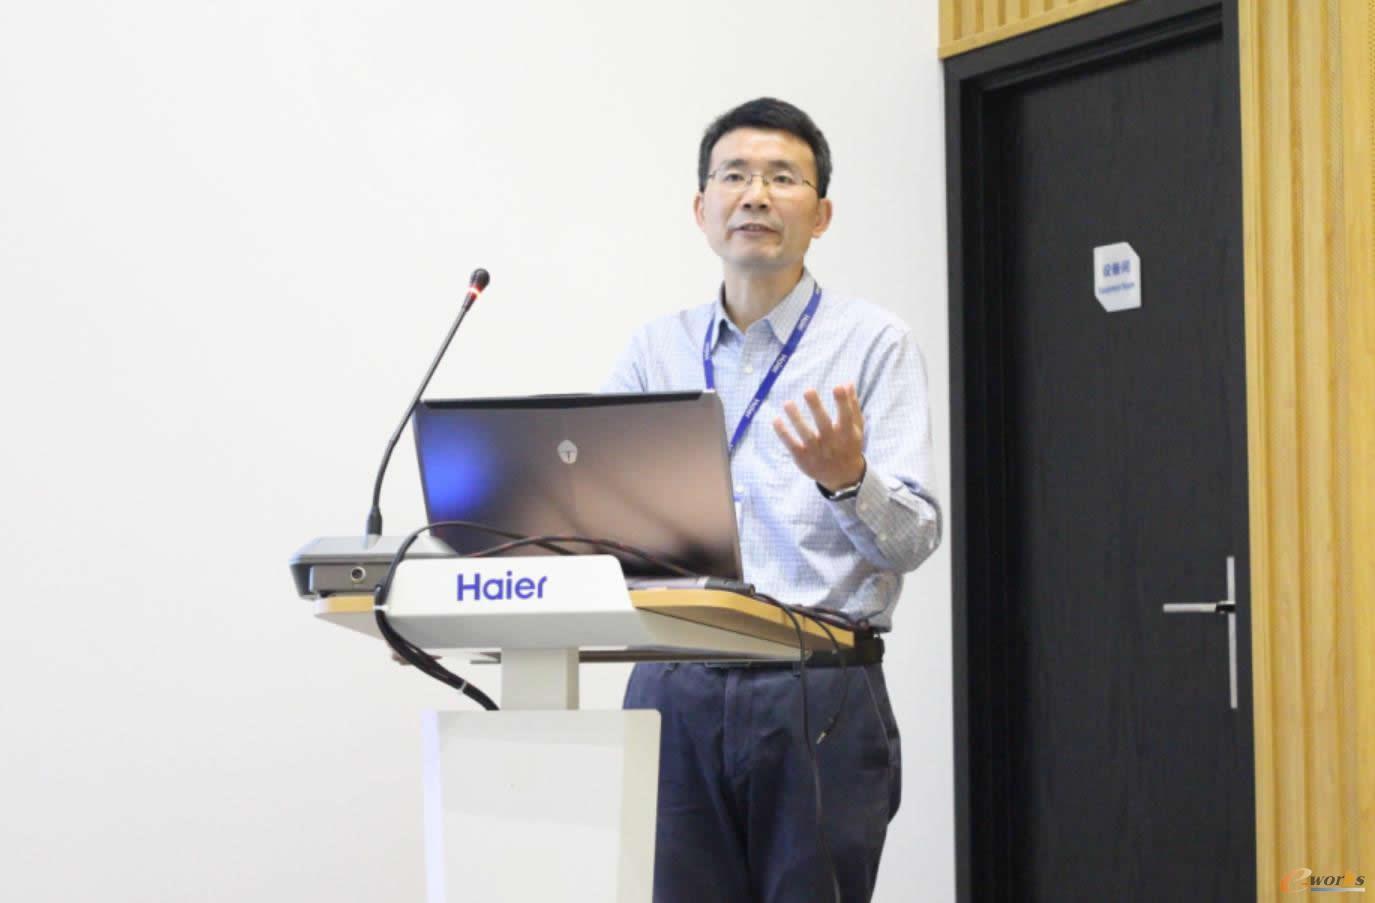 海尔智研院工程技术高级经理刘武